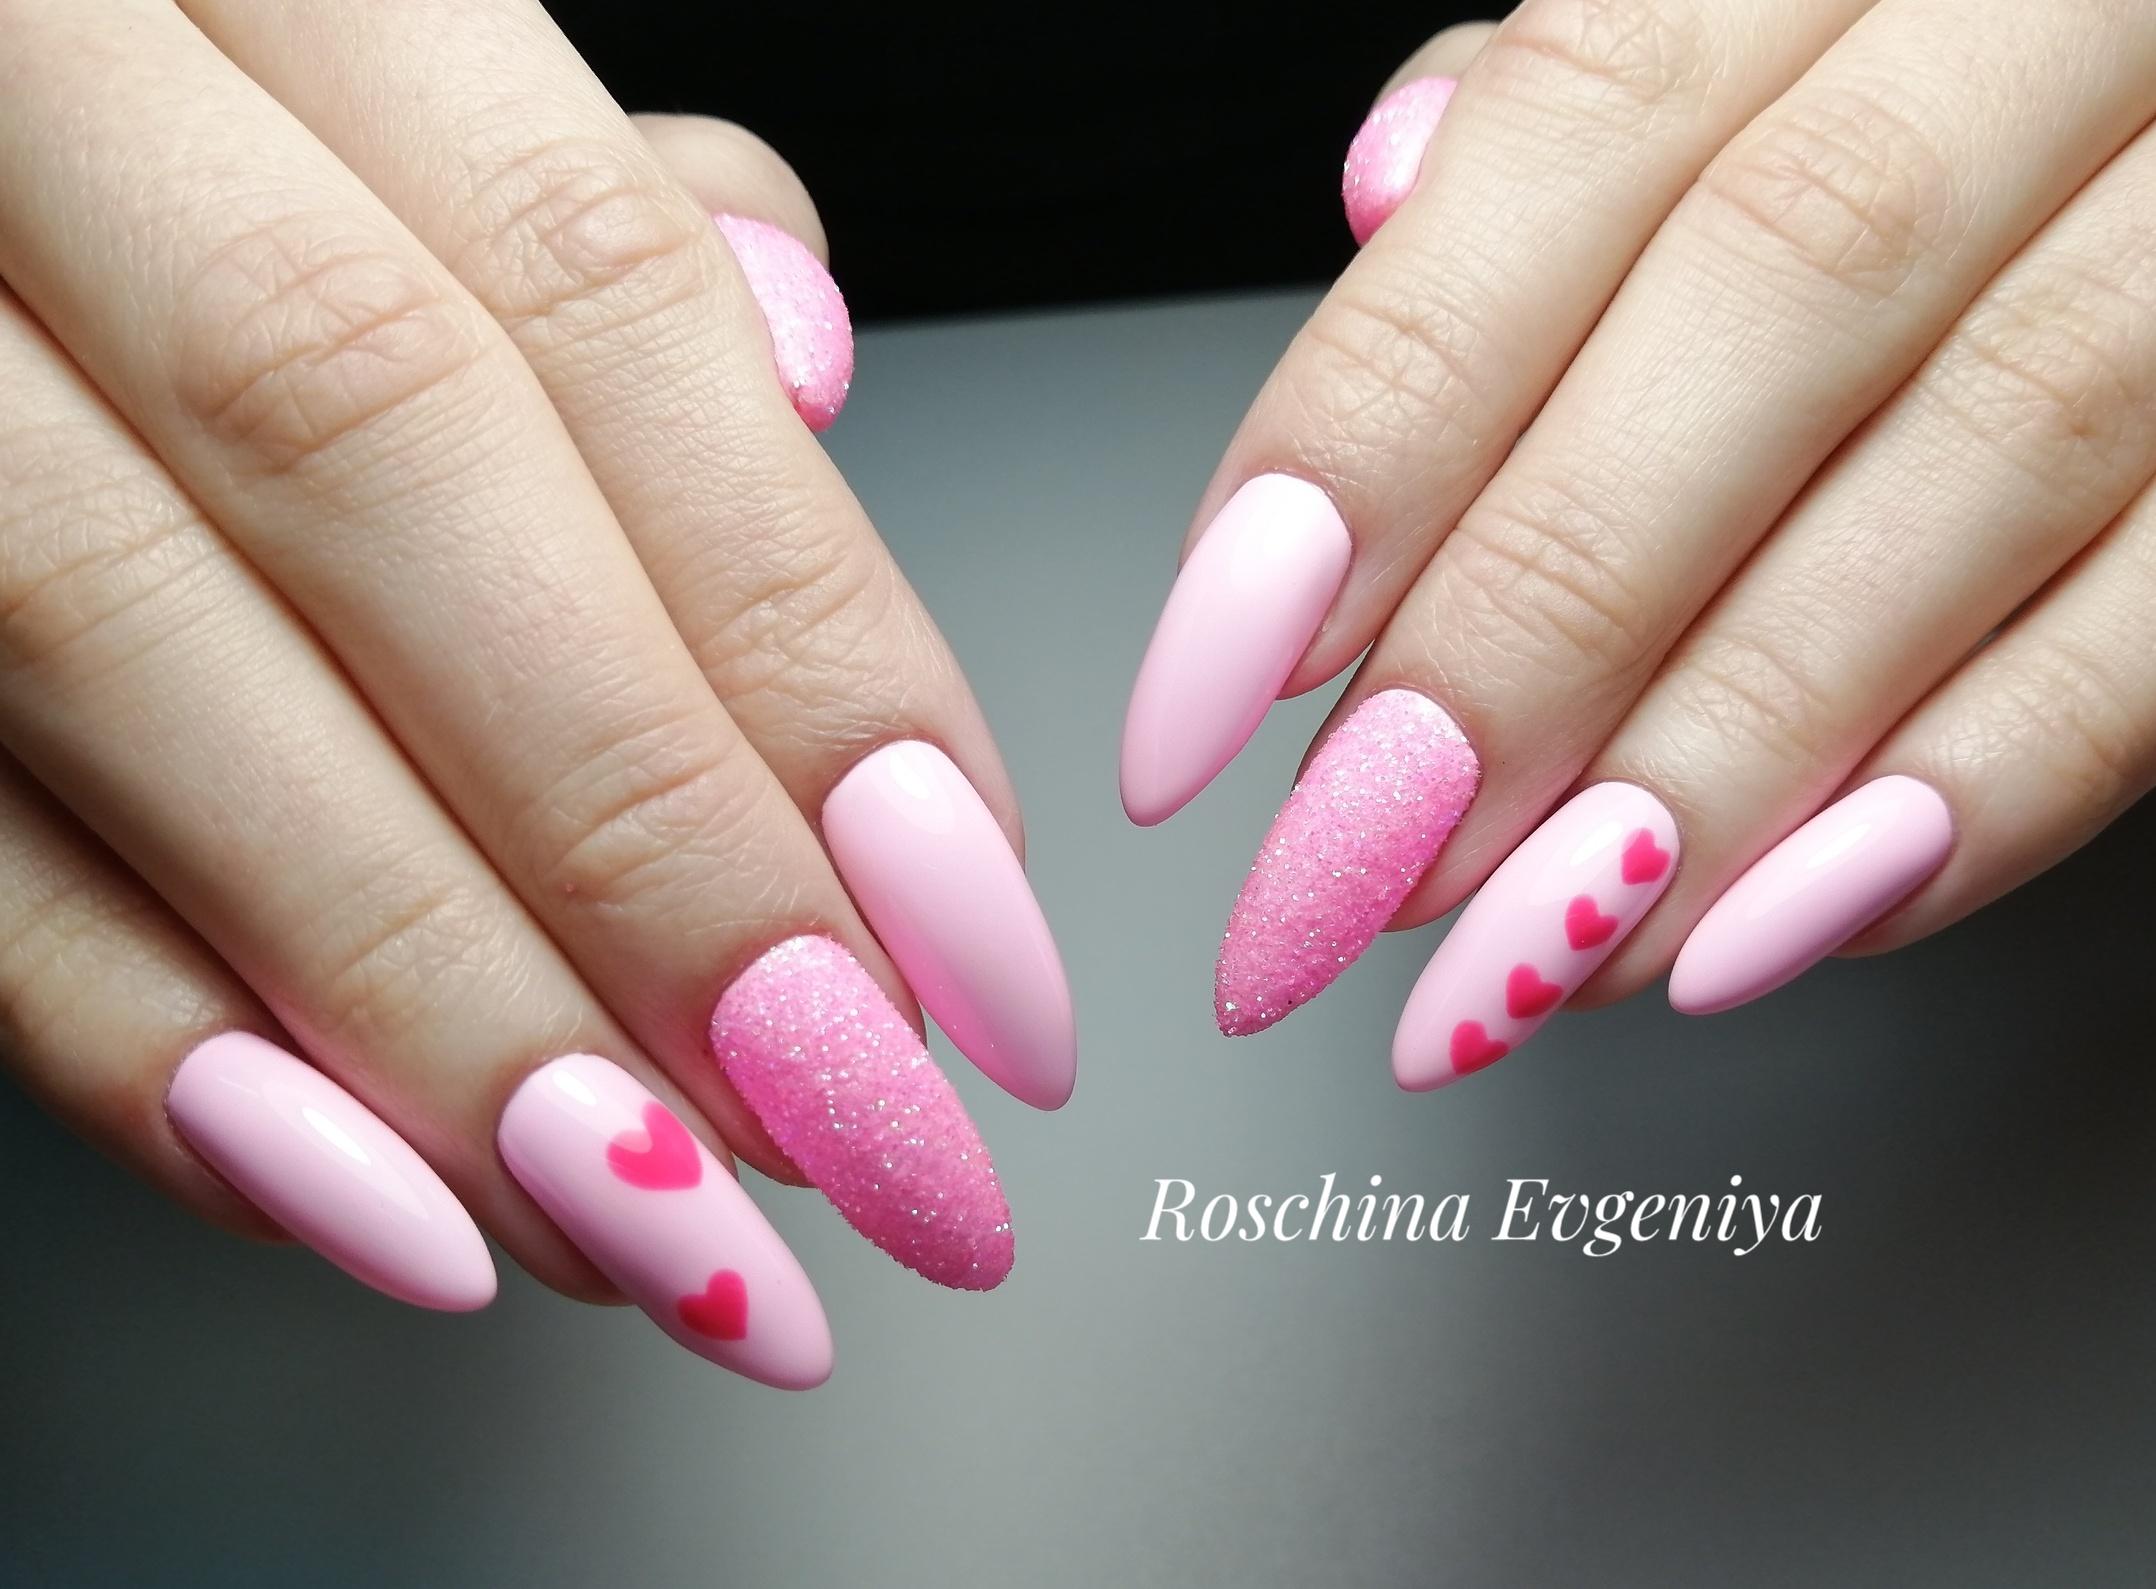 Маникюр с песочным дизайном и сердечками в розовом цвете на длинные ногти.